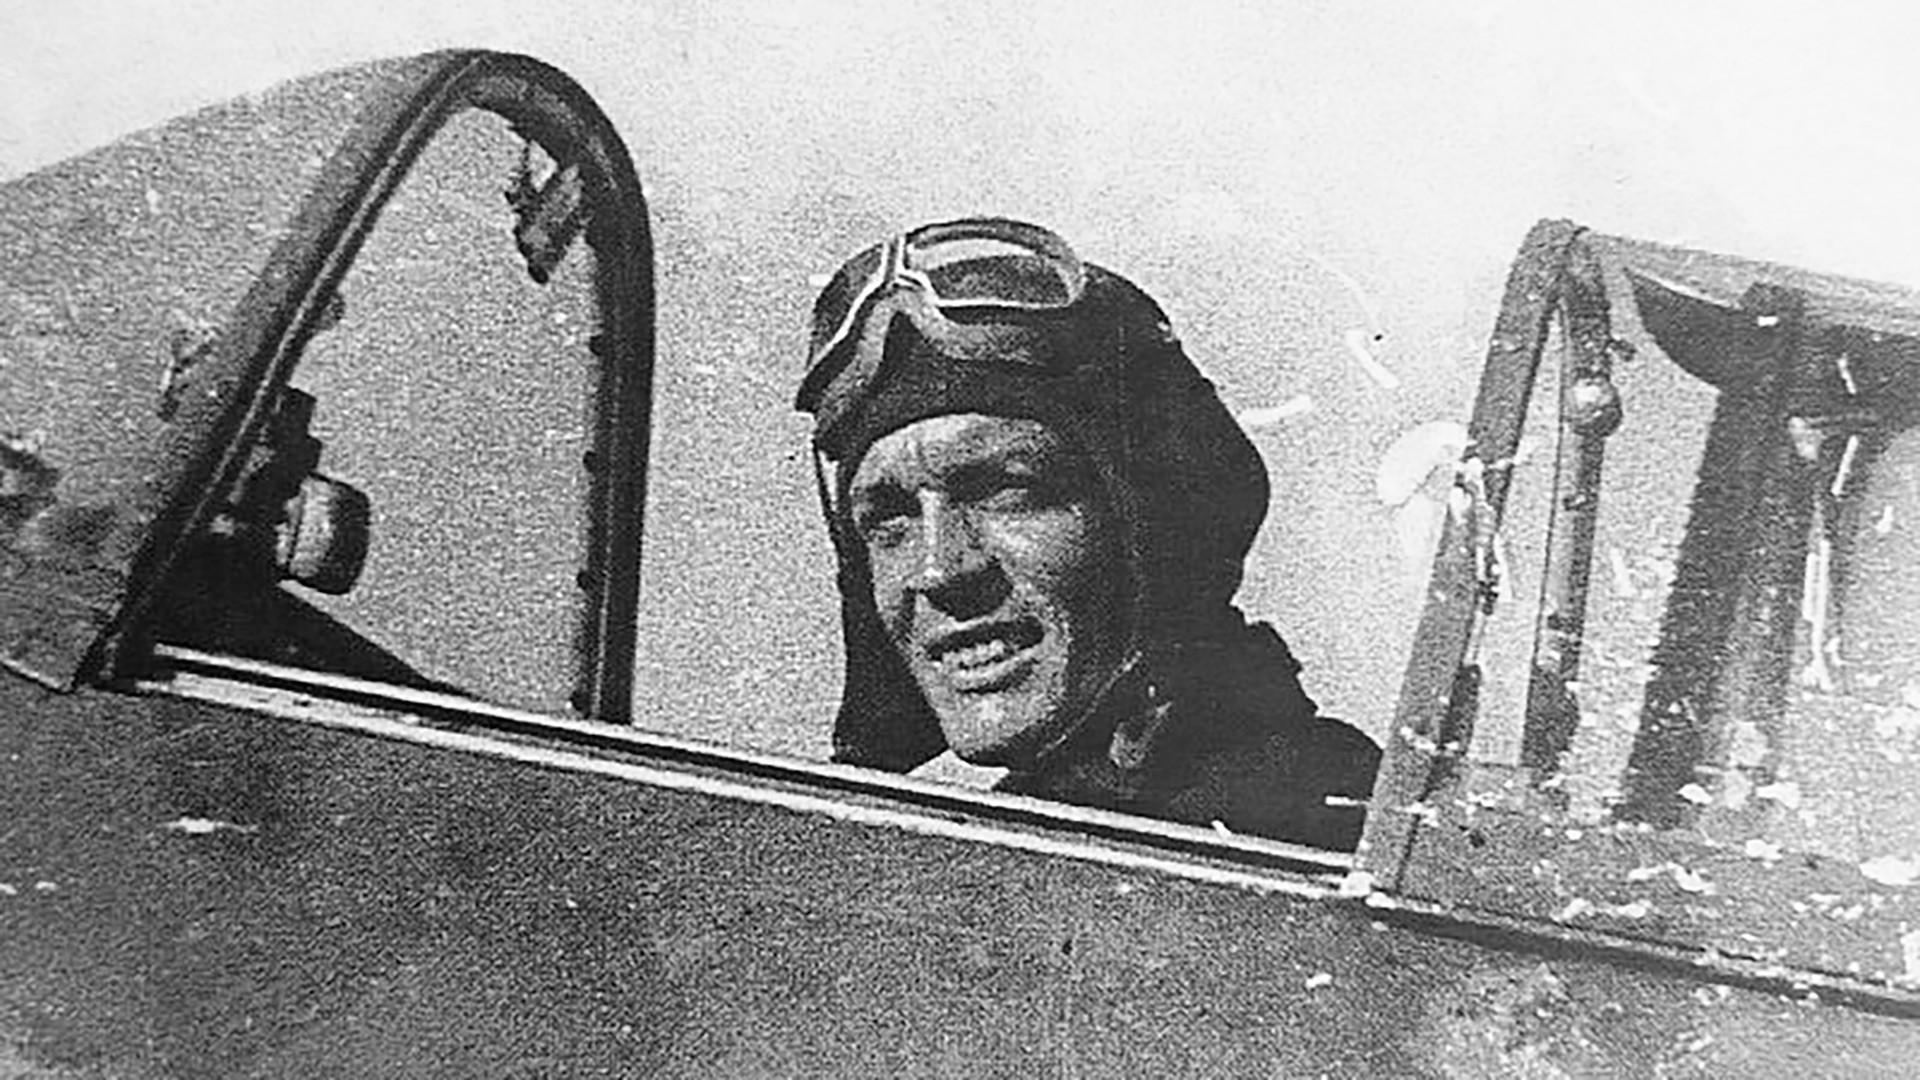 """Француски пилот Роже Пенверн у ловцу """"Як-3""""."""